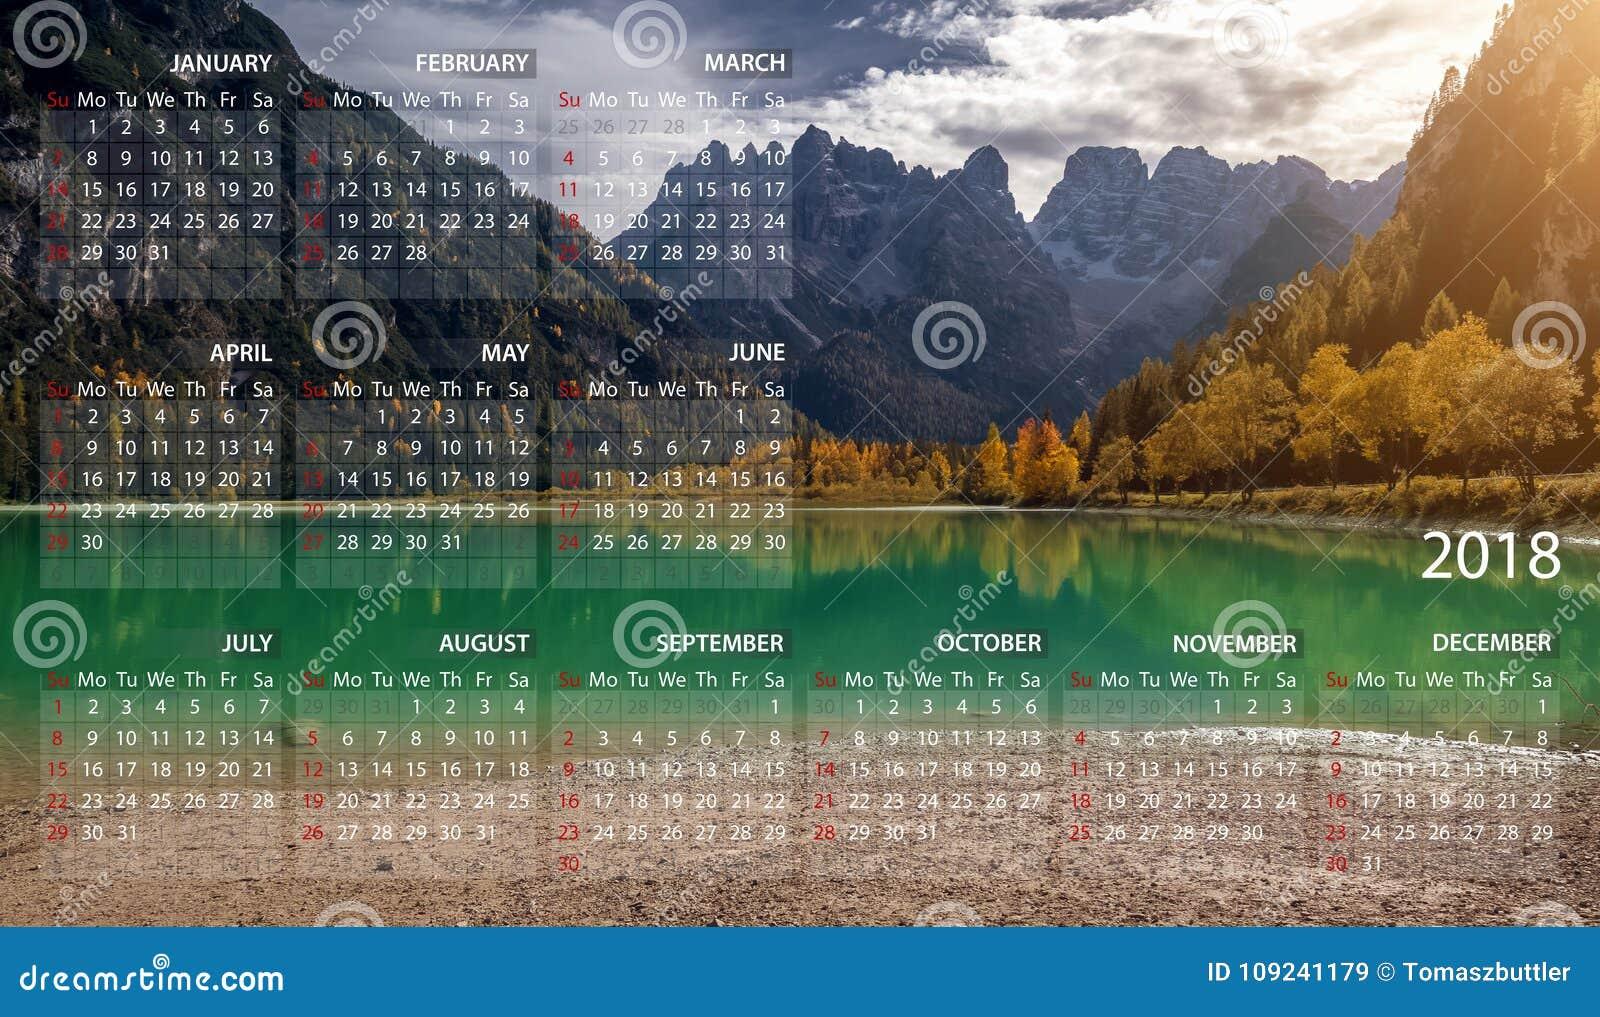 Calendario Panorama.Calendario 2018 In Inglese Inizio Di Settimana La Domenica